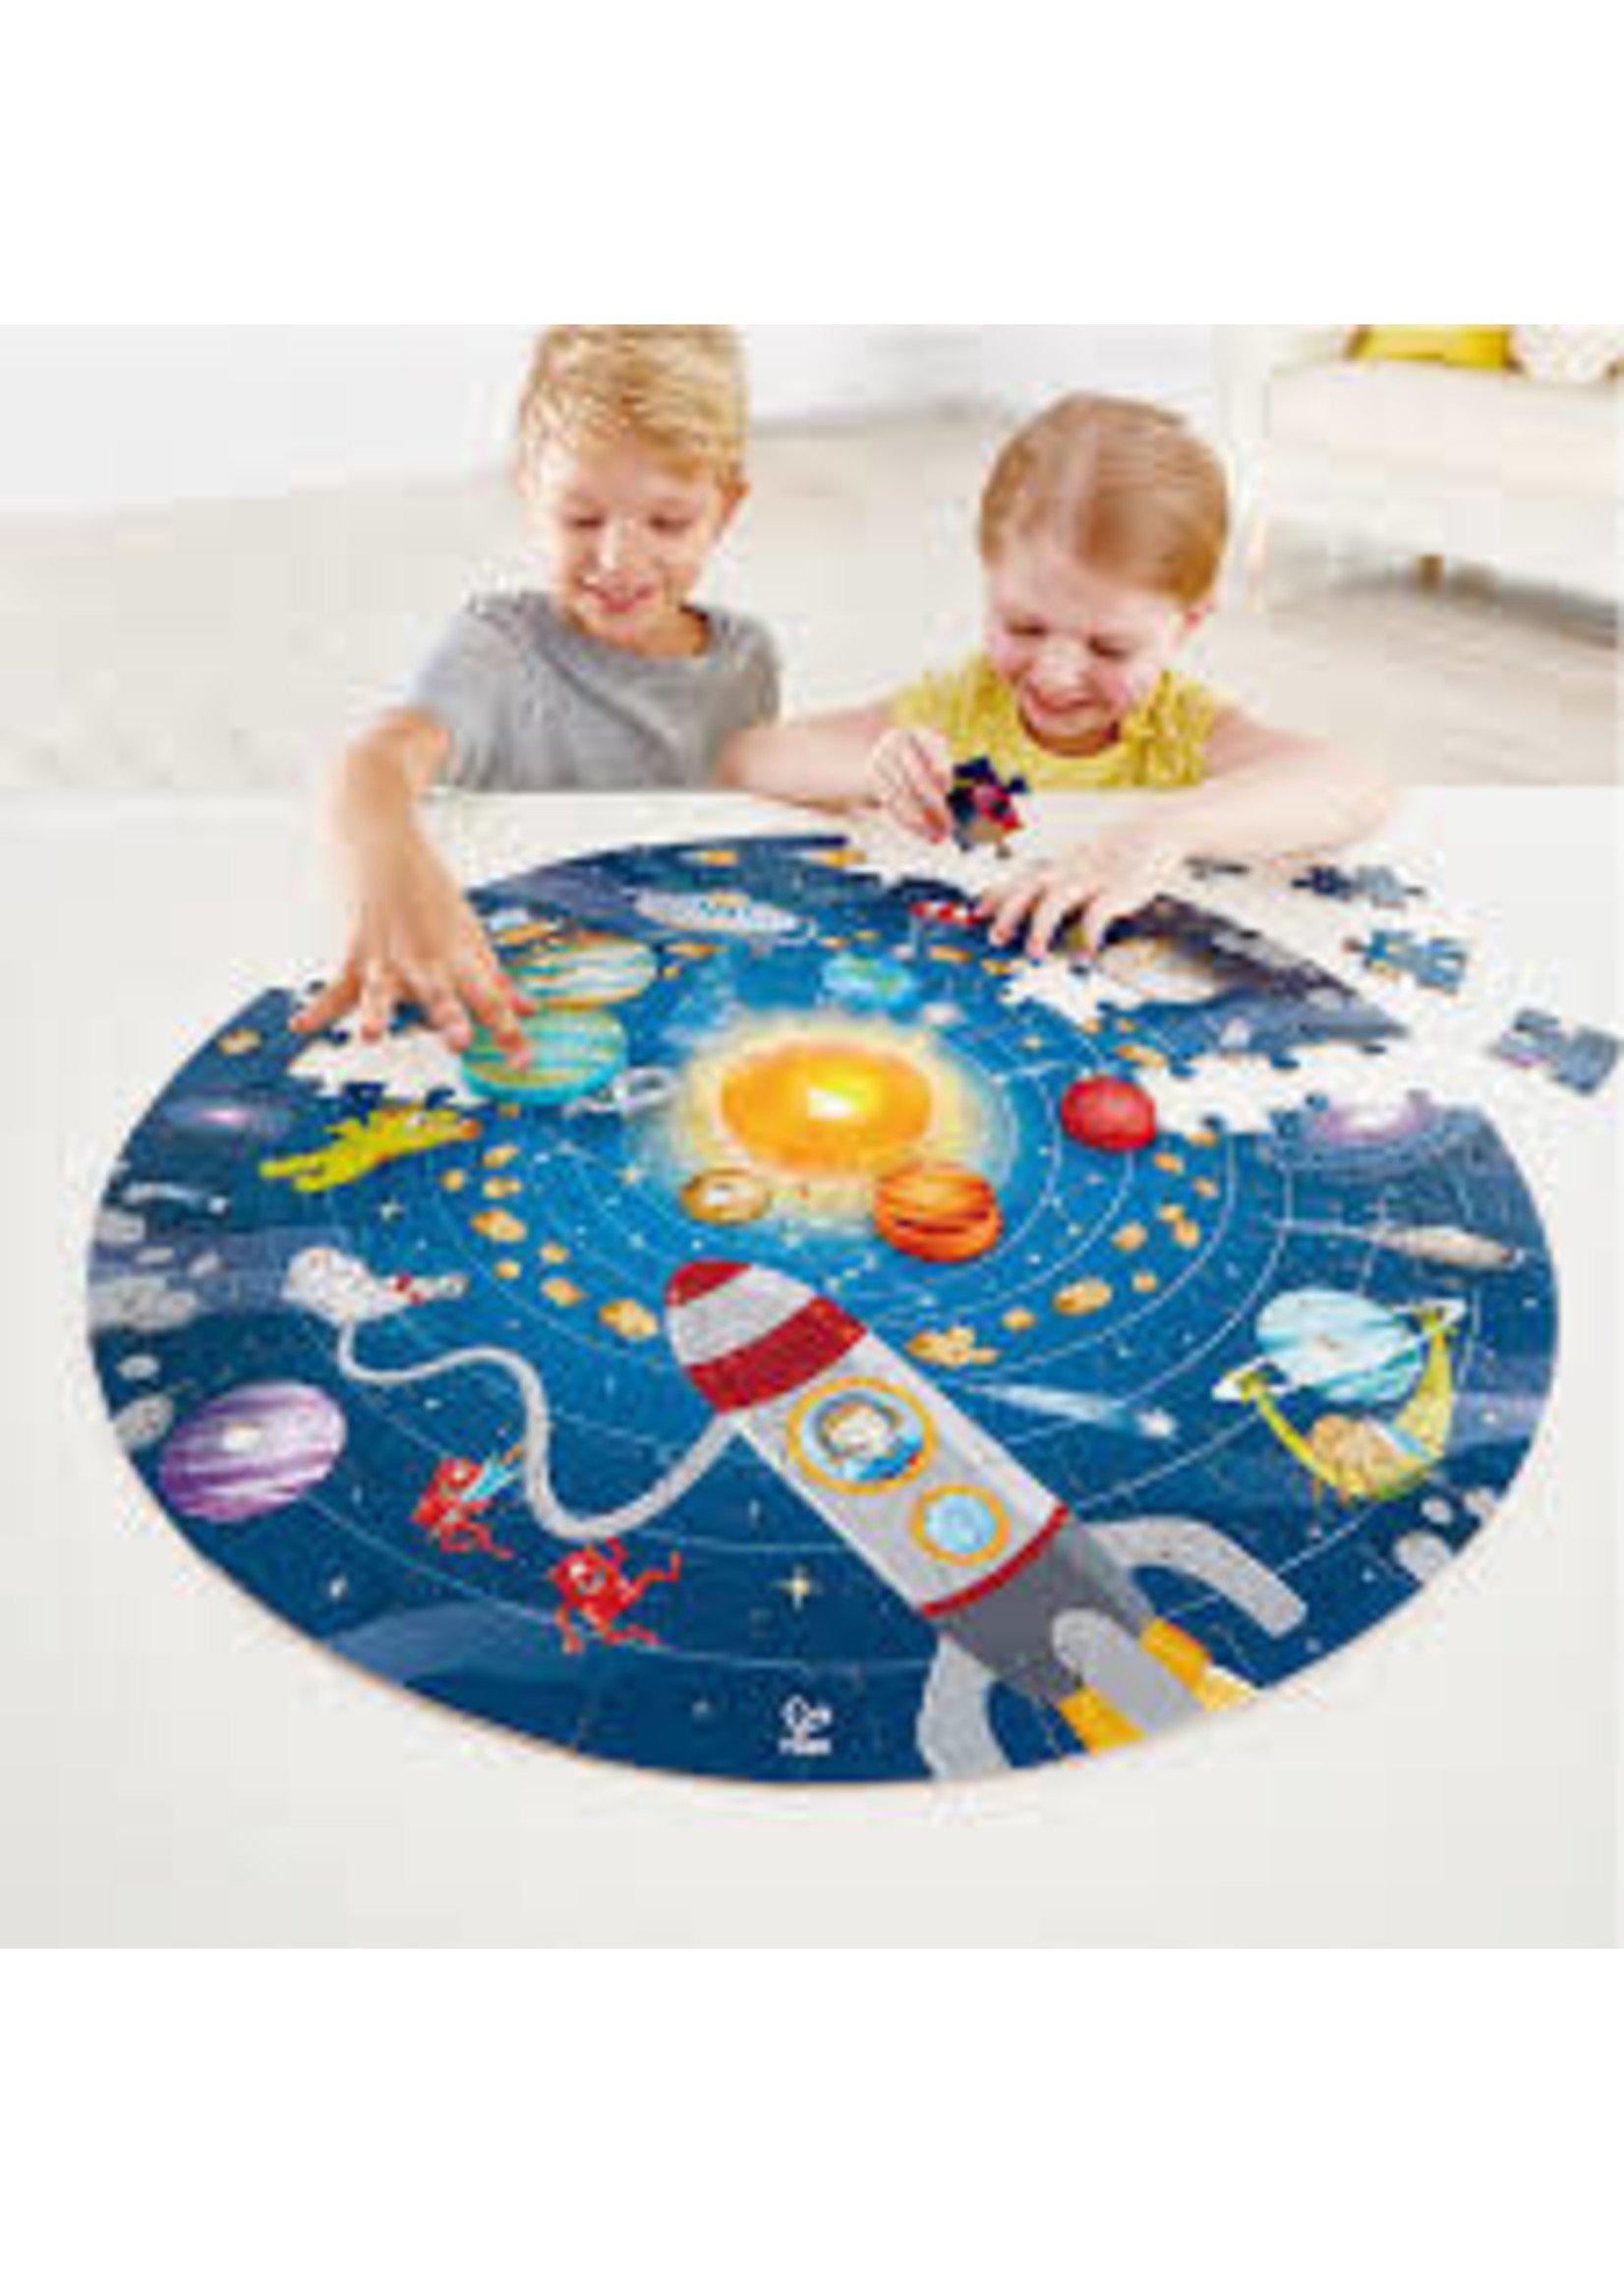 Hape Hape solar system puzzle